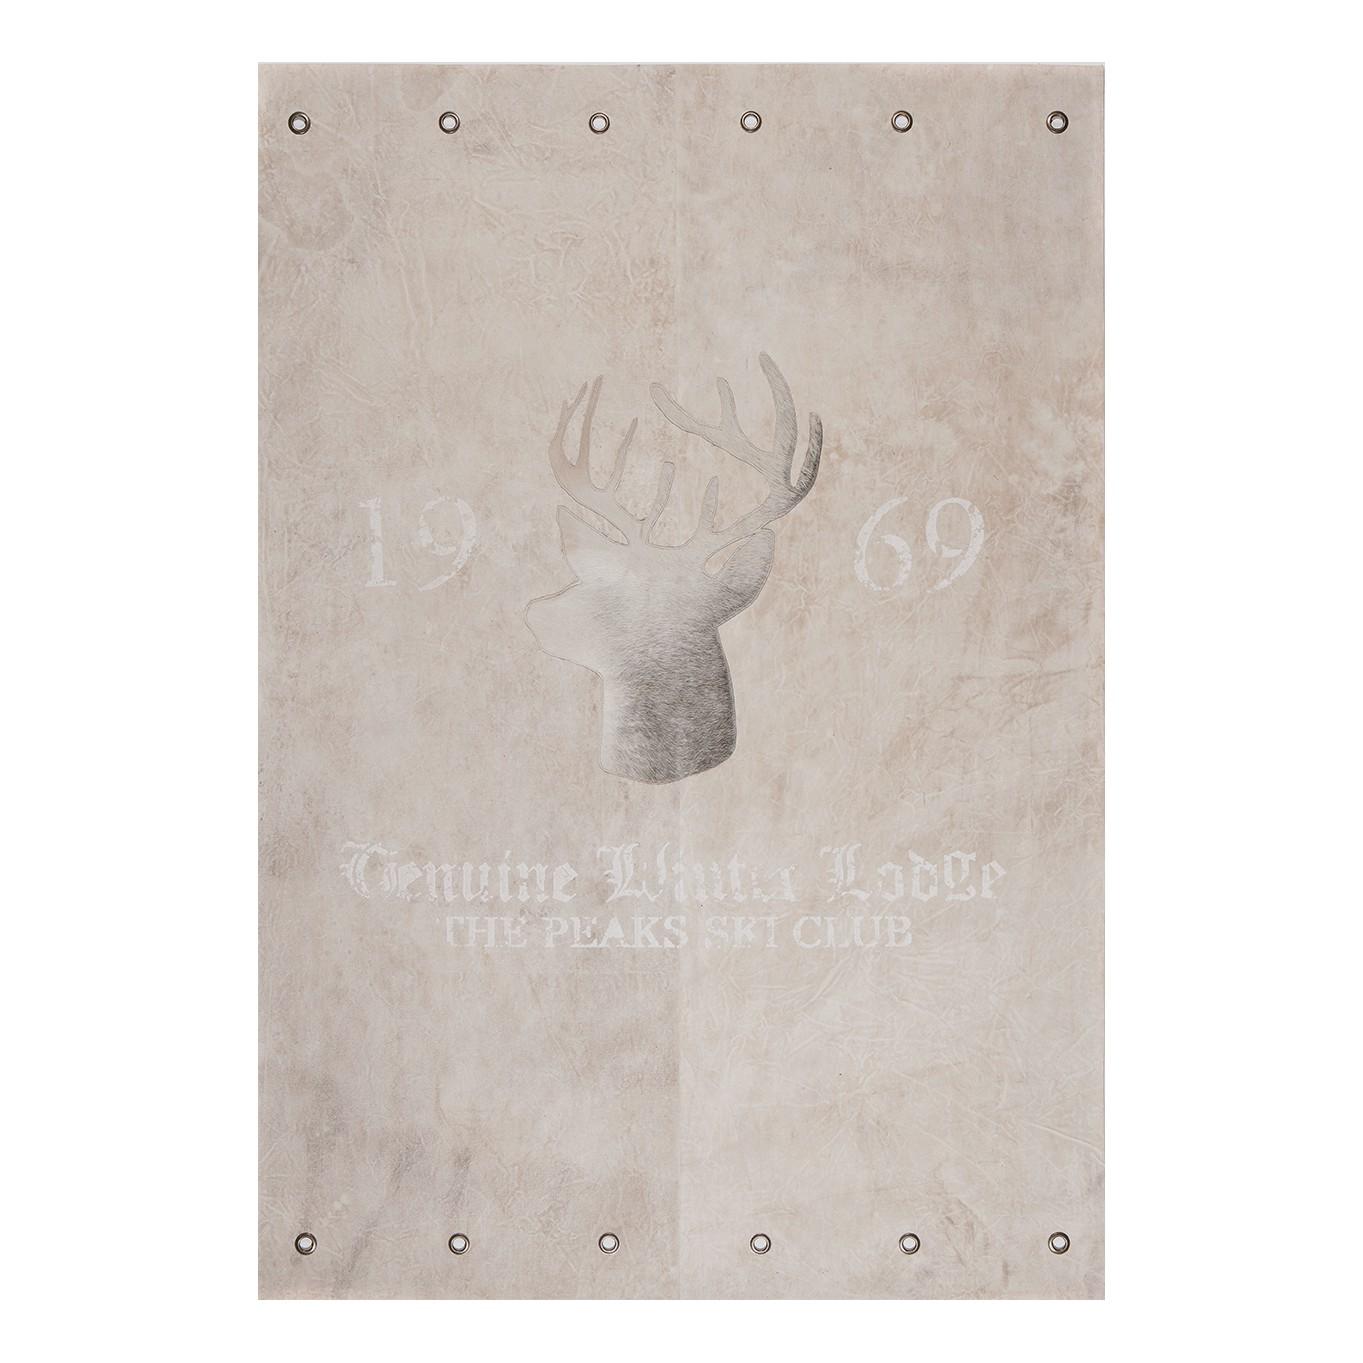 Teppich Lodge 1 – 200 x 290 cm, Papilio günstig online kaufen